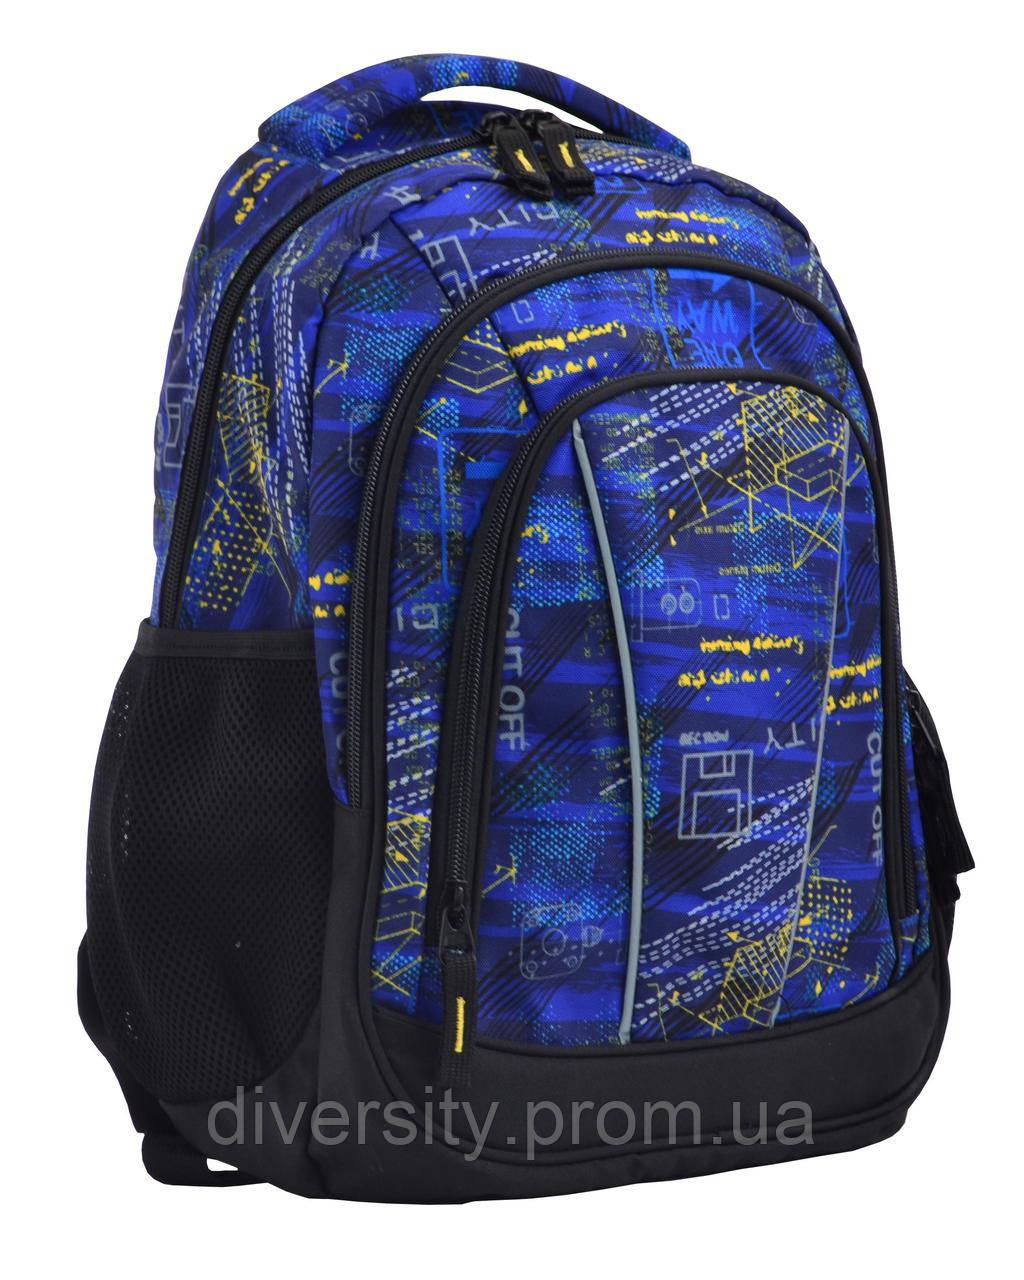 Рюкзак школьный SG-24 City